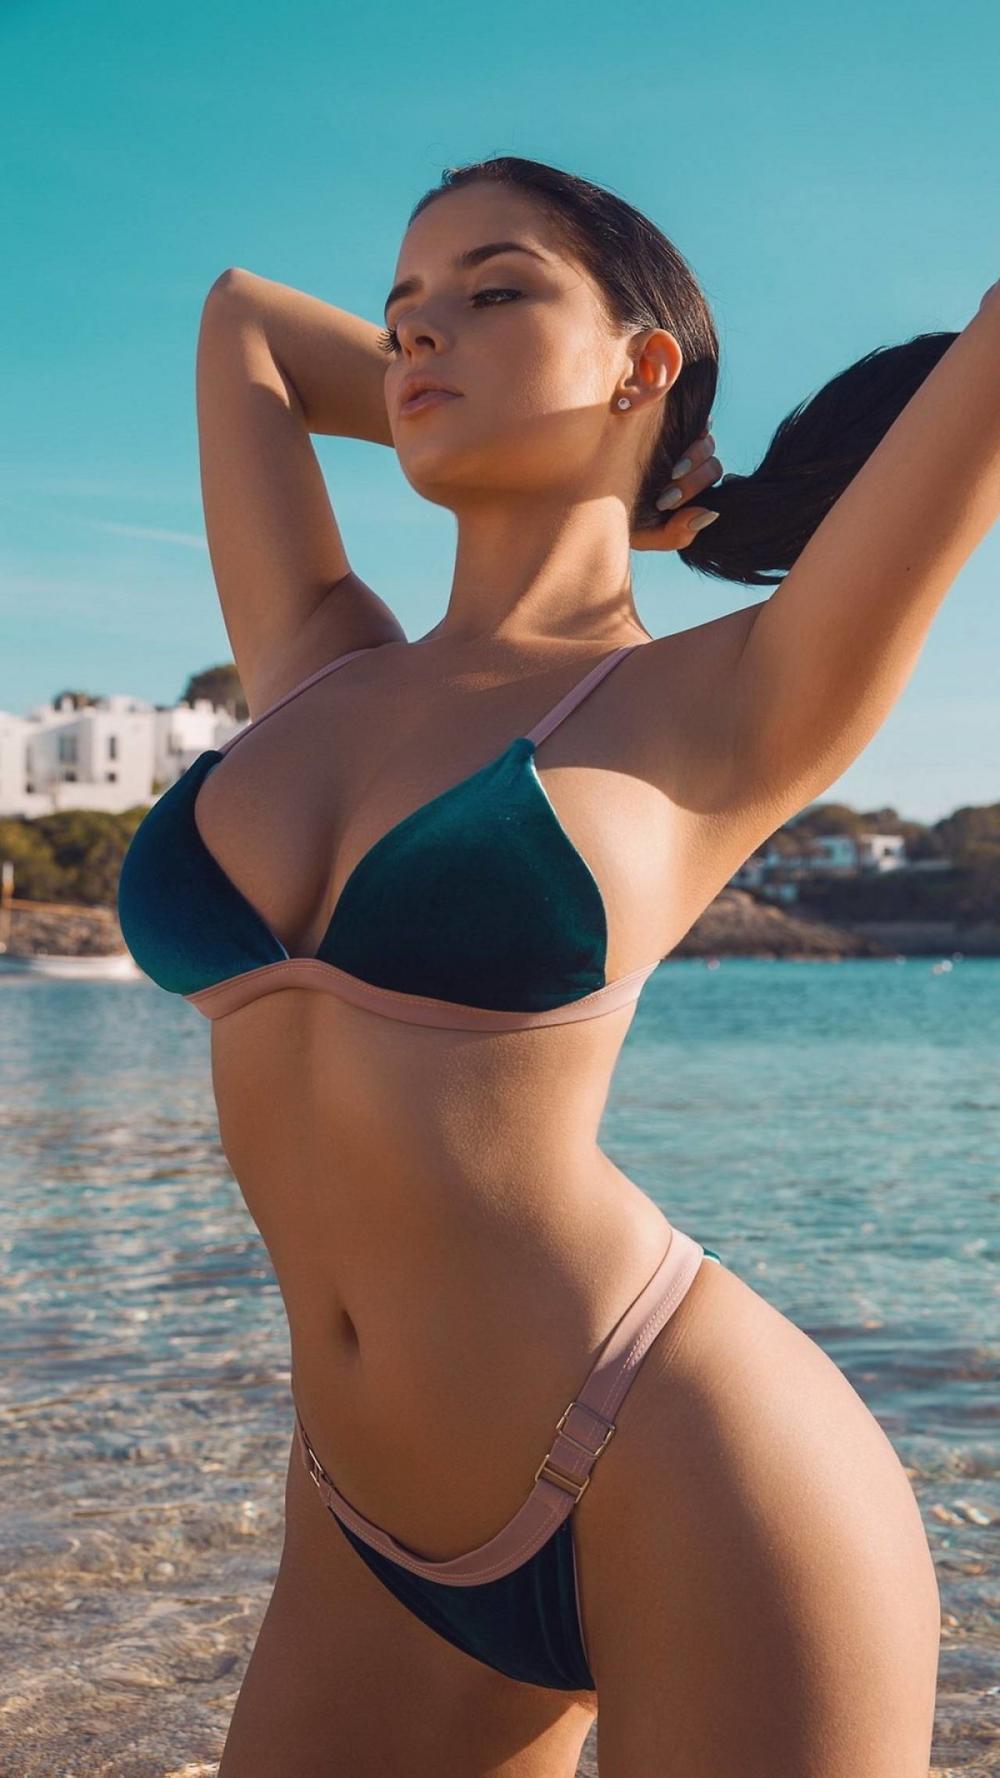 Красивые девушки в купальниках бикини стоит подняв руки и закручивает хвост на голове